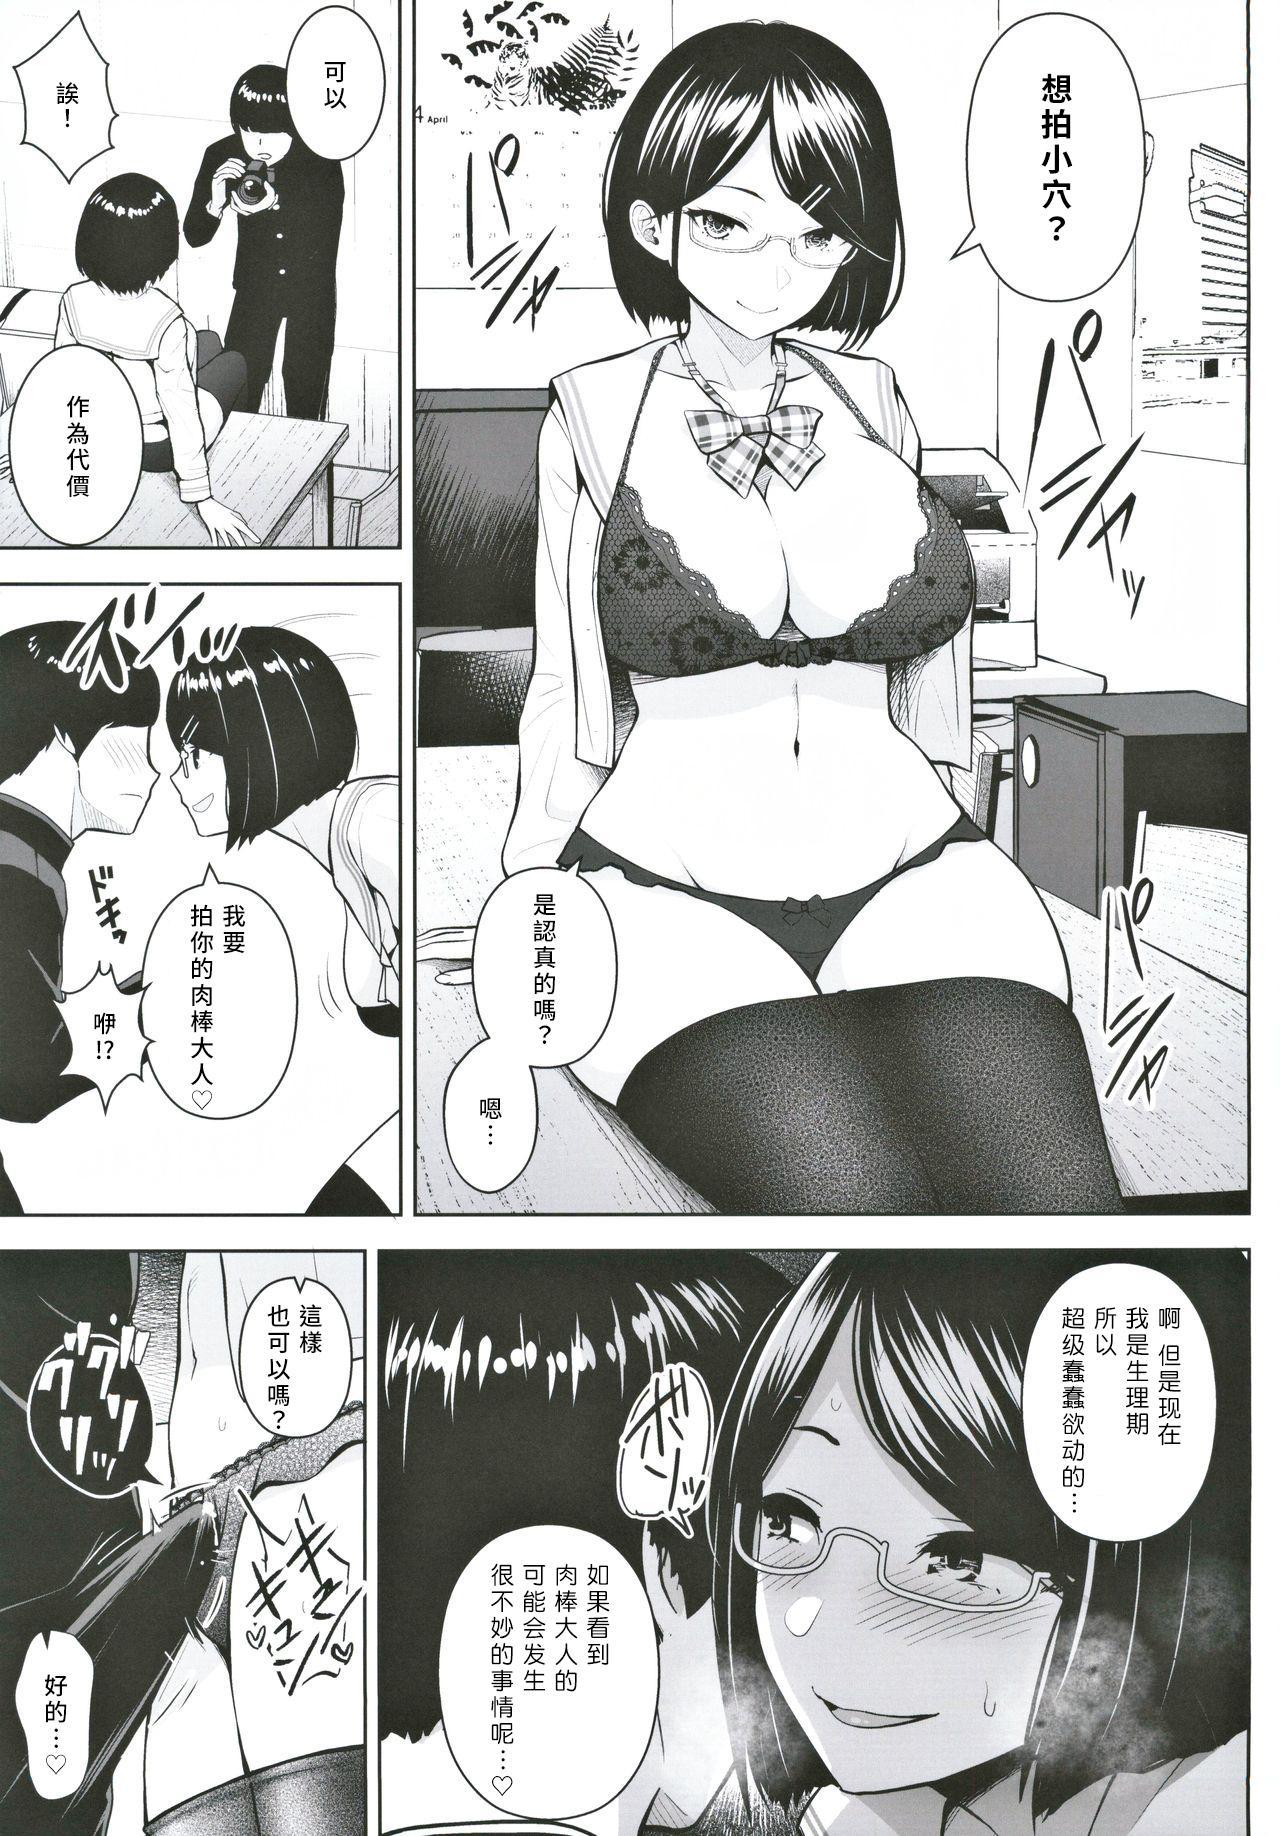 Himitsu no Houkago Satsueikai 9